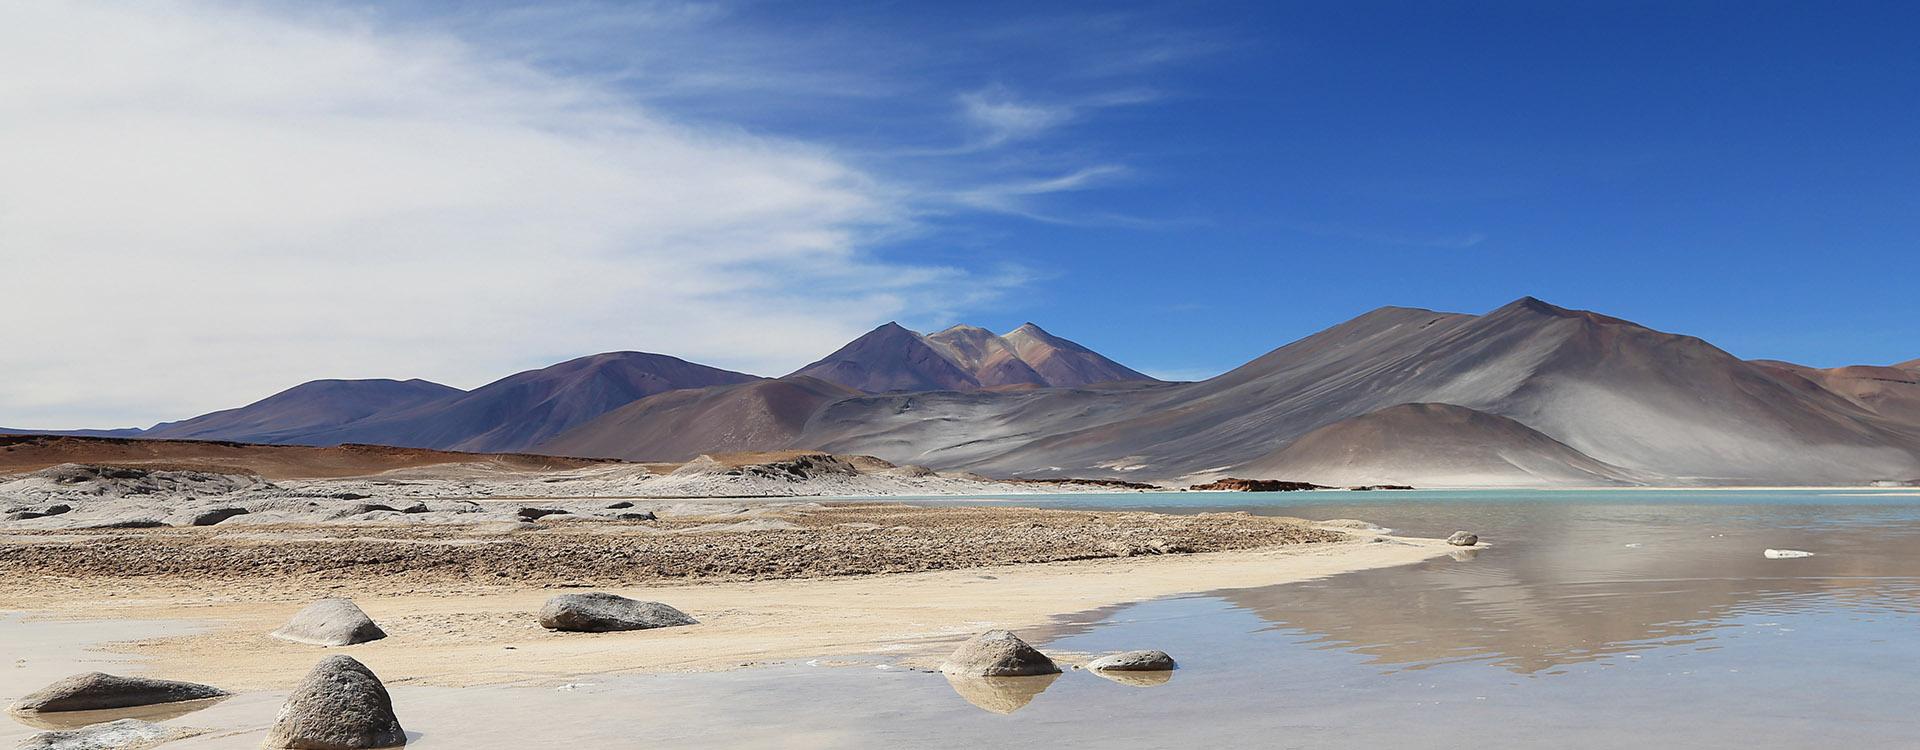 Salt lake in Los Flamencos National Reserve, desert Atacama, Chile